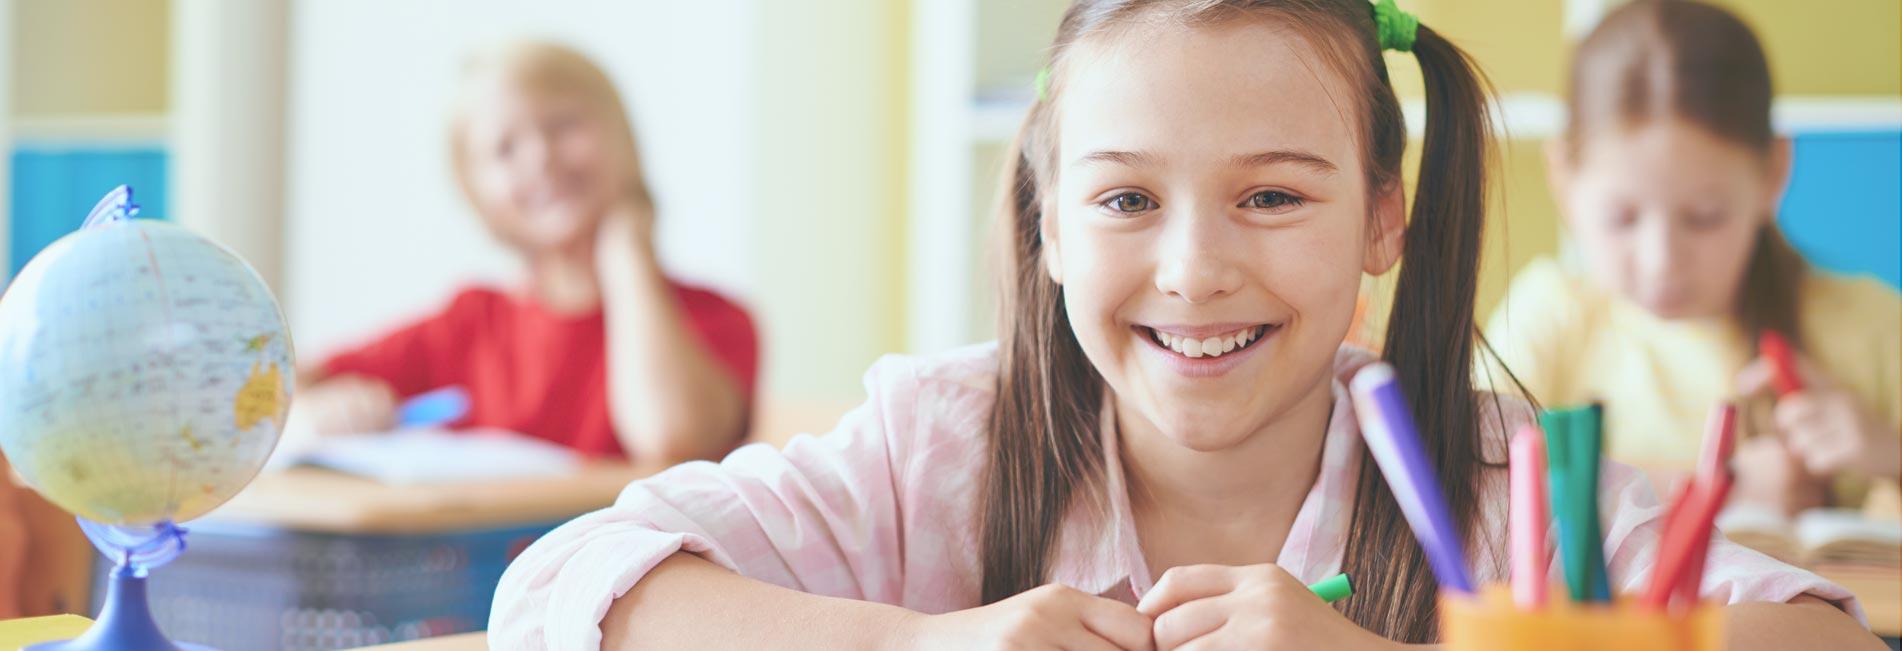 Sprachkurse für Kinder und Jugendliche in Frankfurt